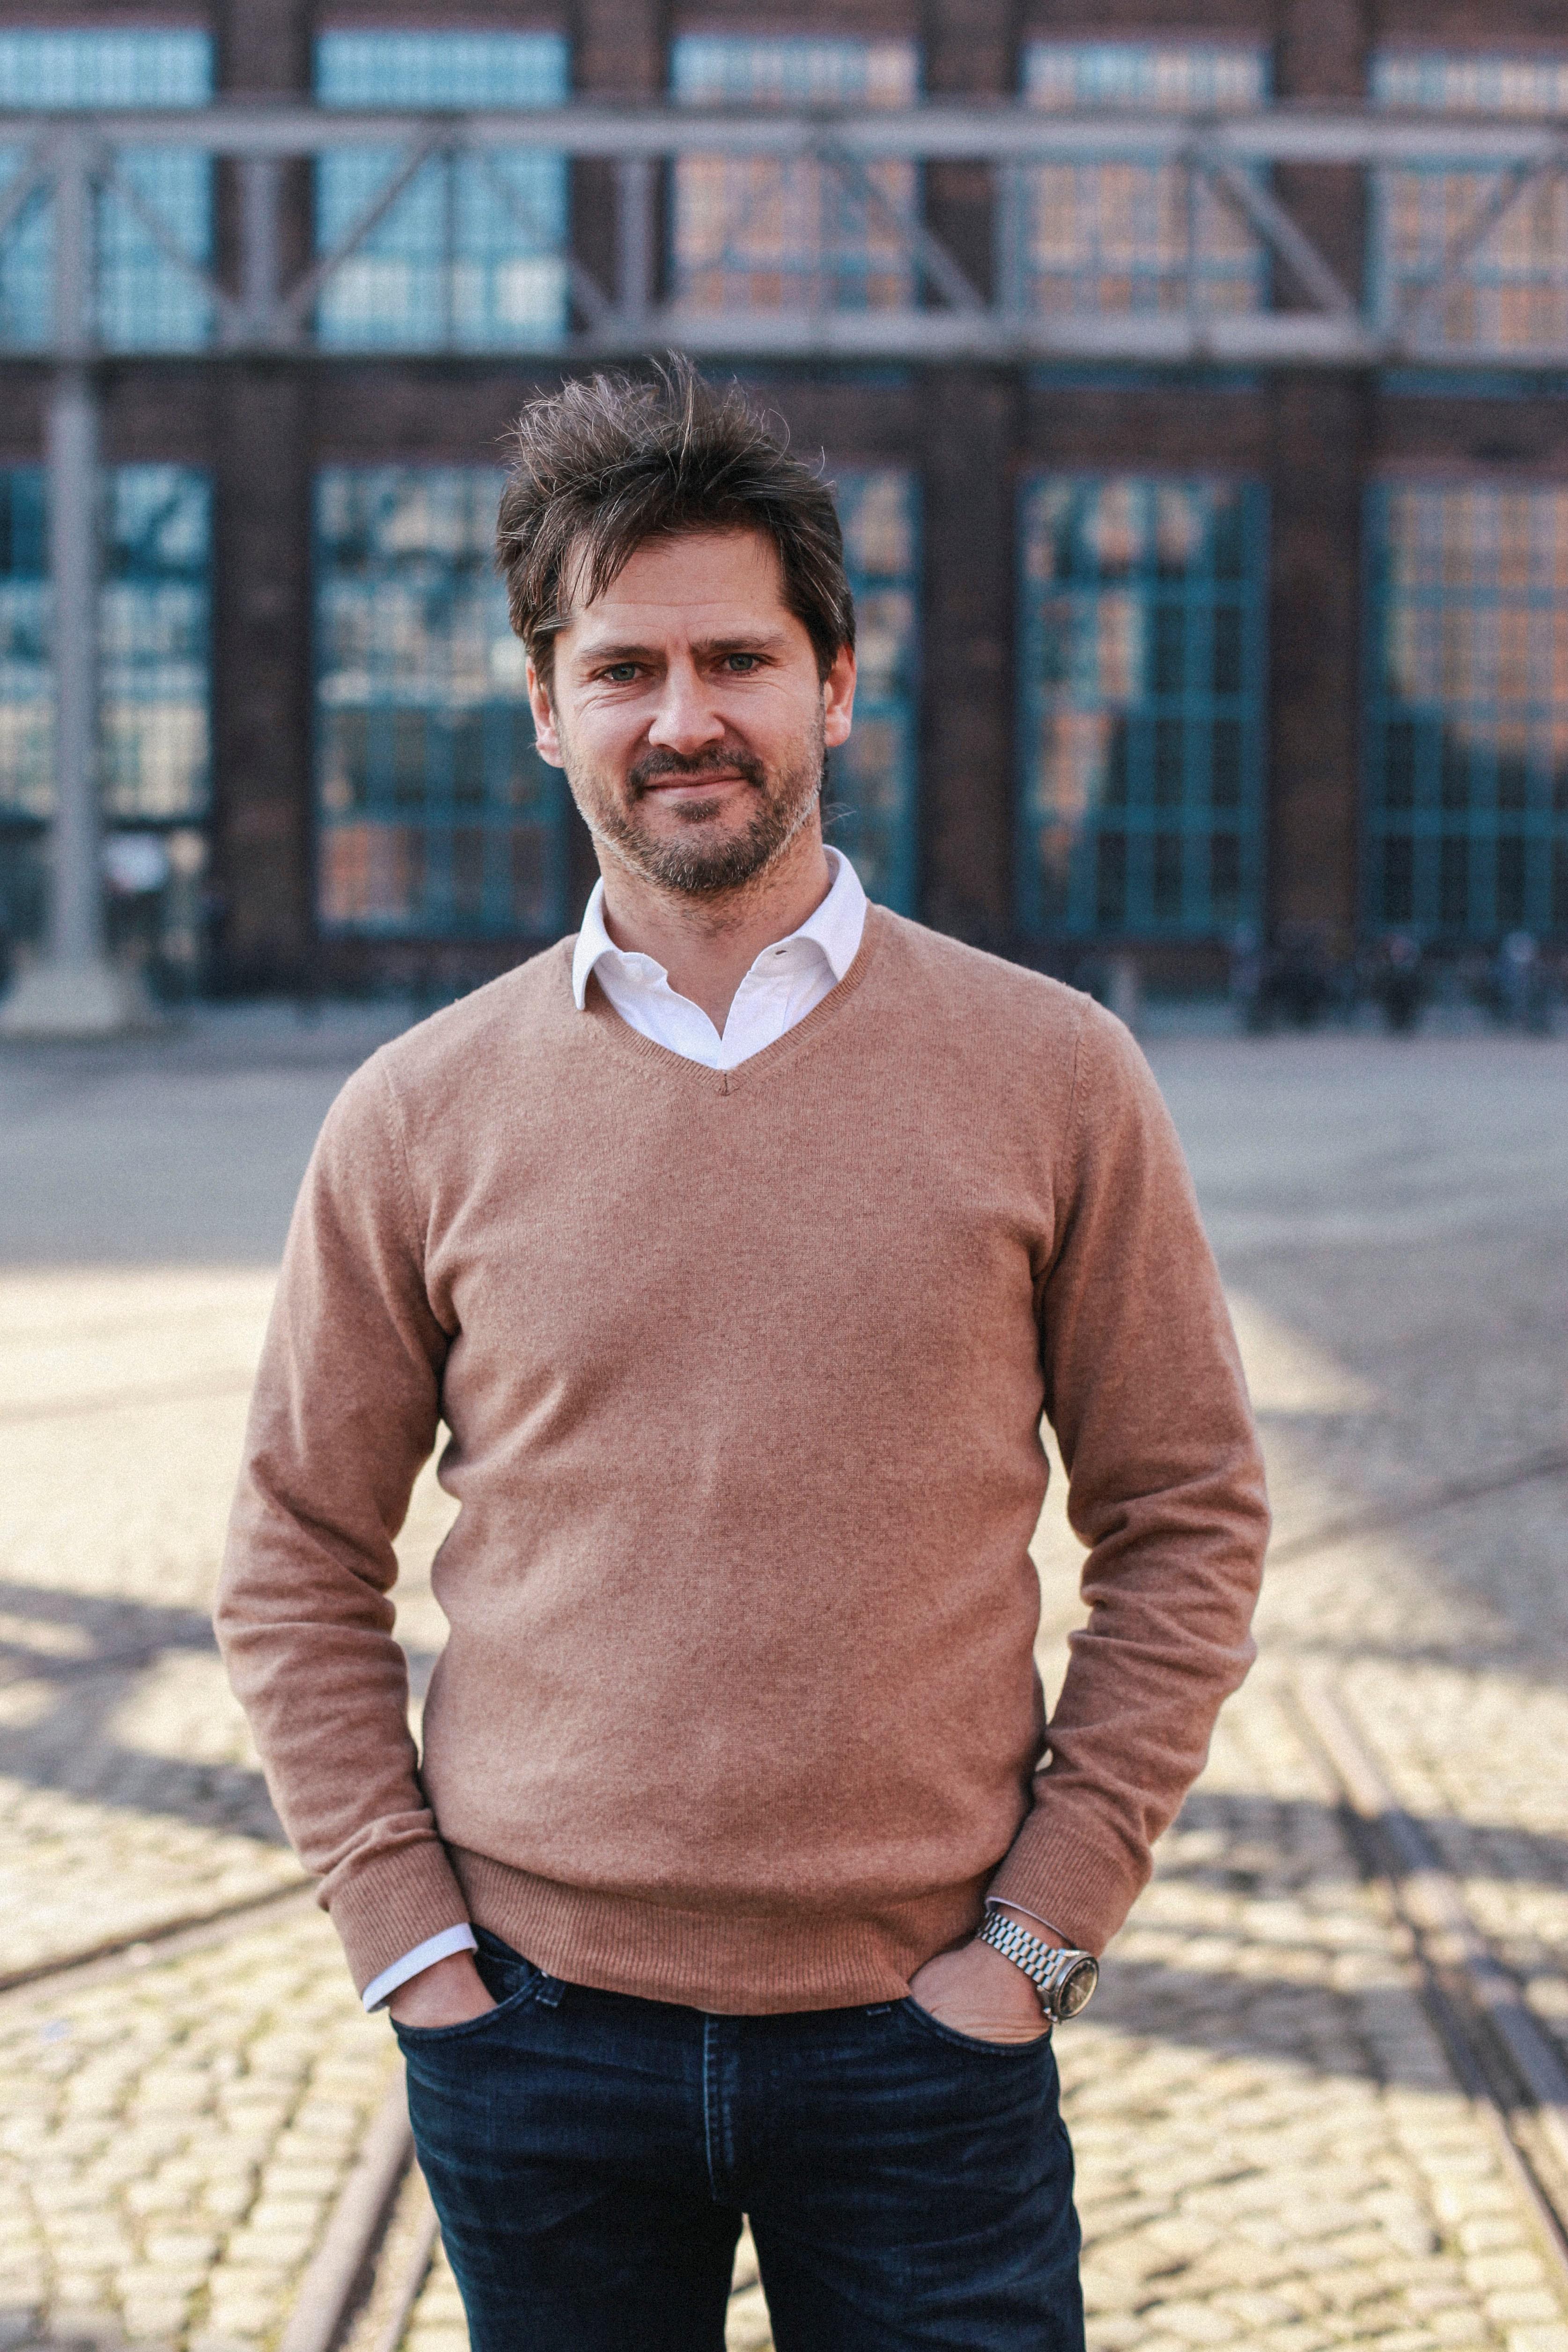 Christoph Brem, Geschäftsführer von Inventorum, ist Experte für Kassensysteme und ihre Anforderungen